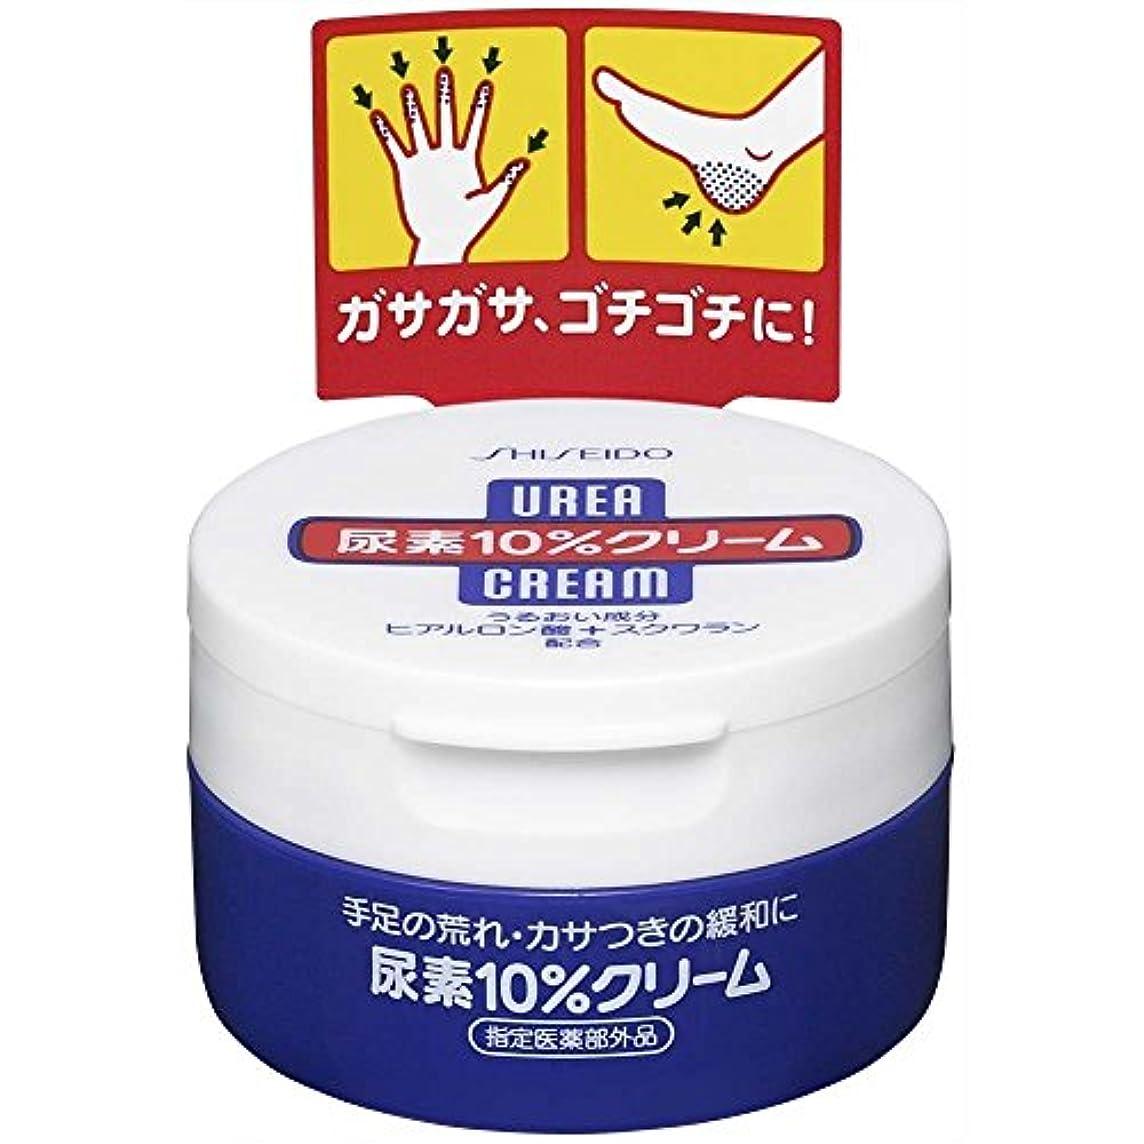 広がり部屋を掃除する未使用資生堂 尿素10%クリーム 100g(医薬部外品)